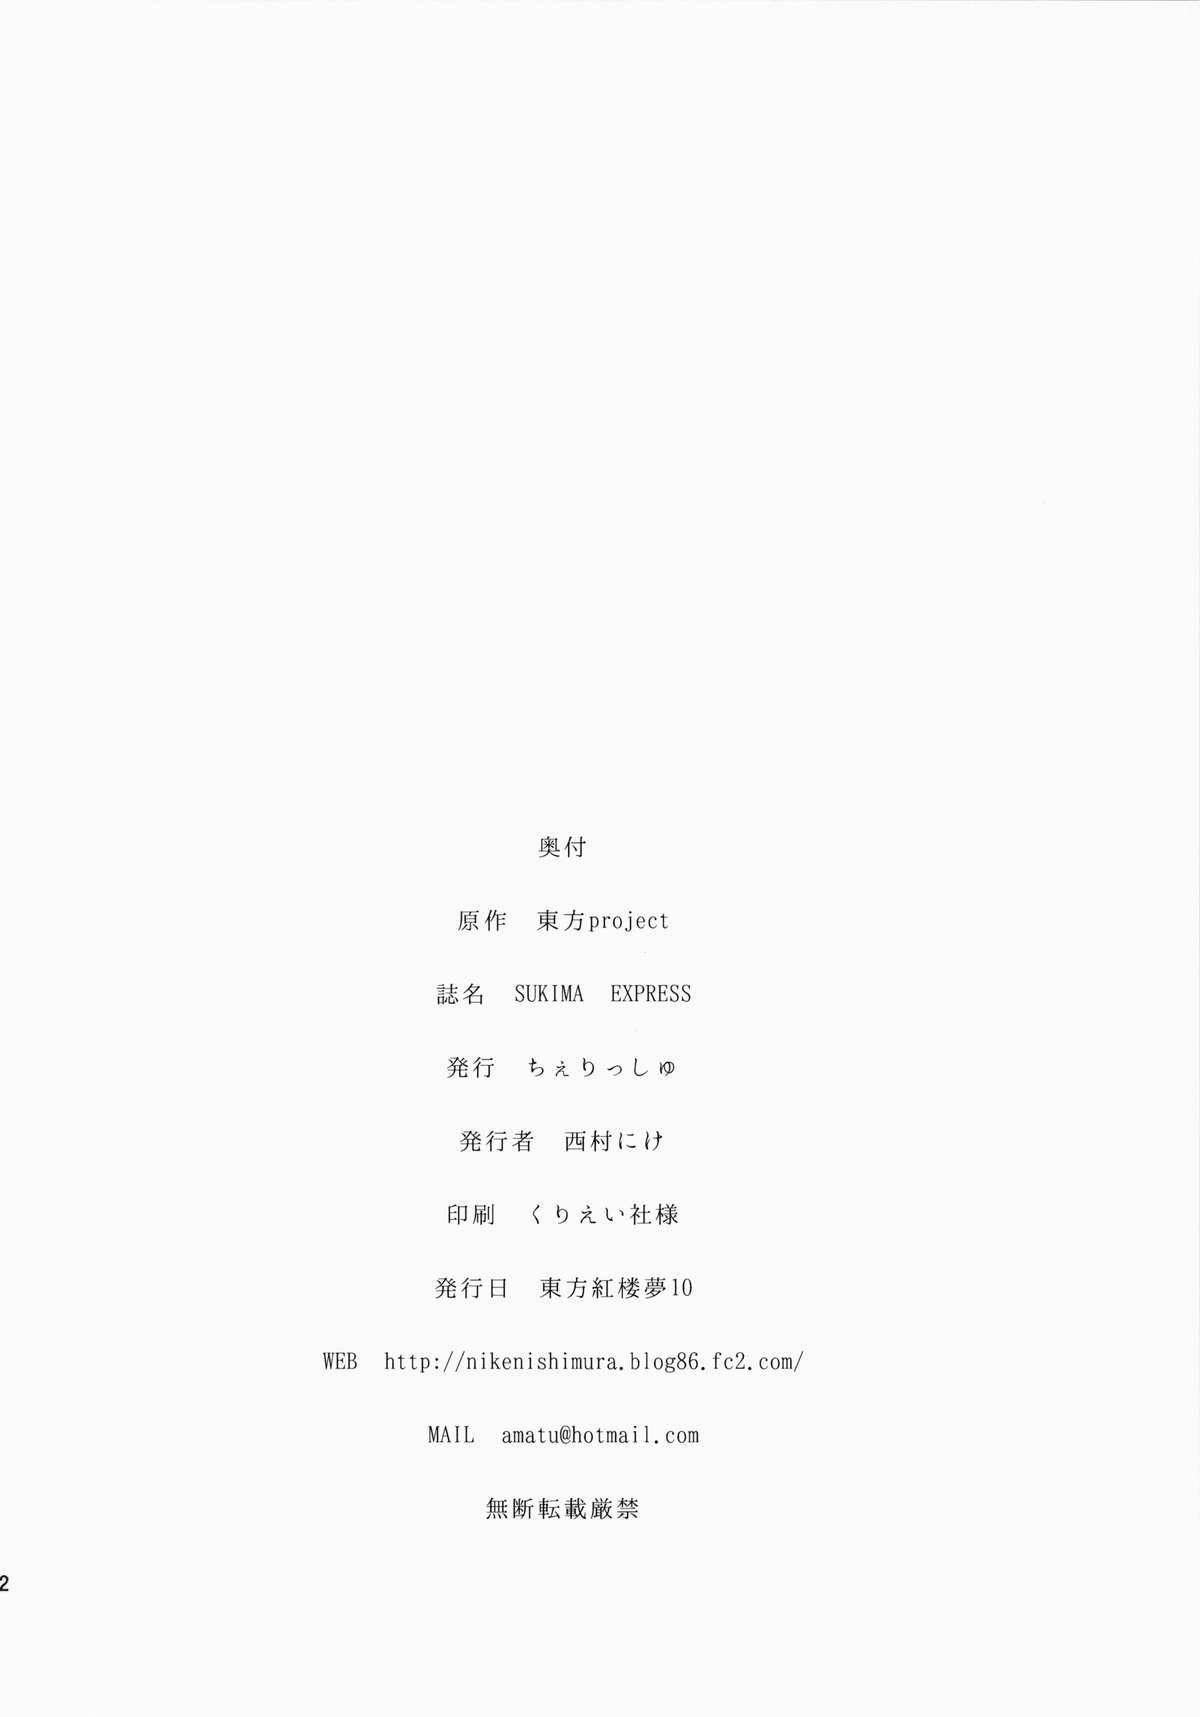 SUKIMA EXPRESS 20